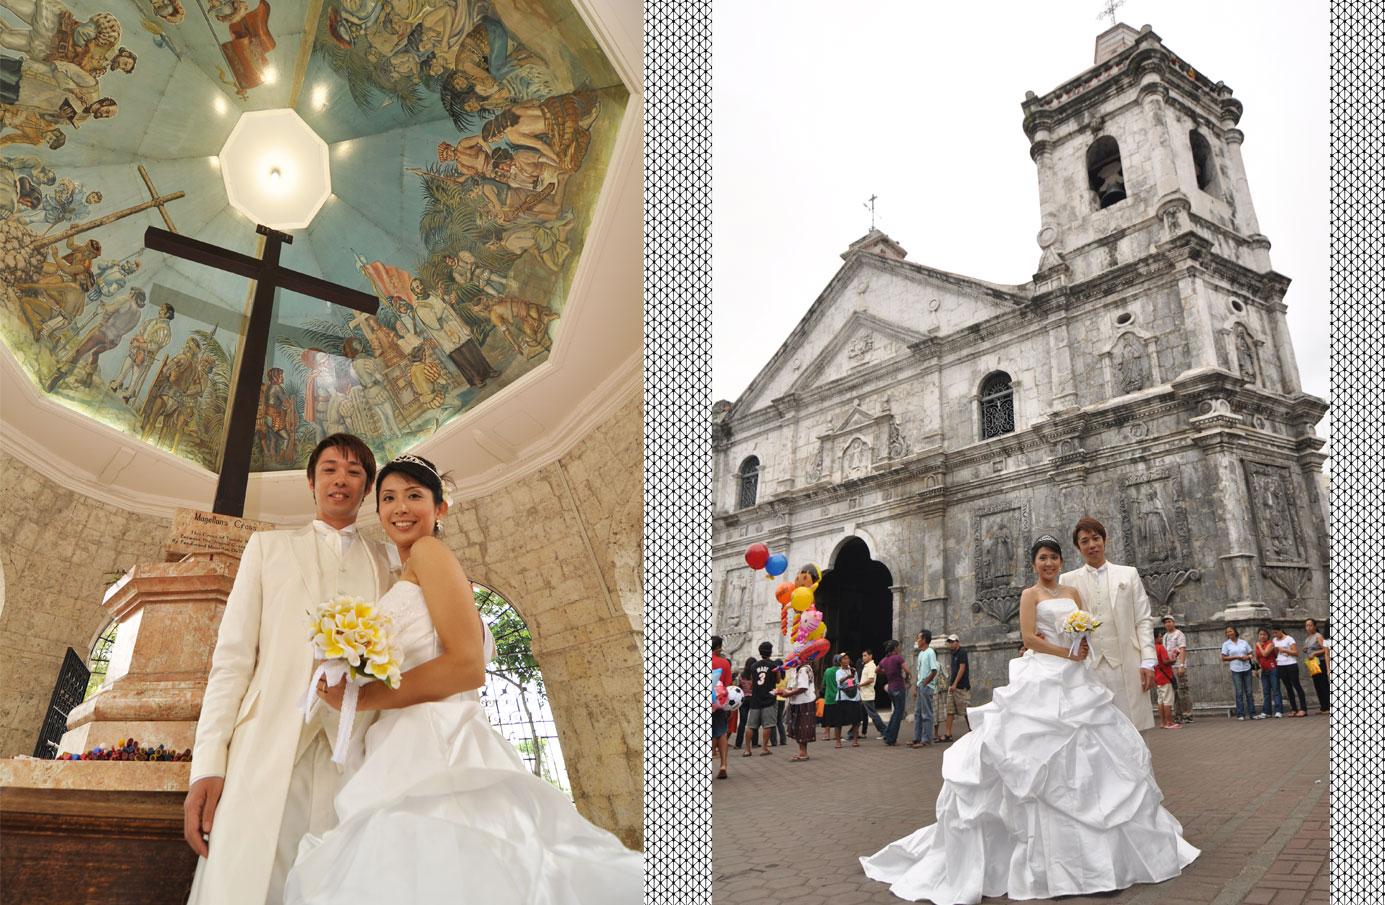 セブ写真だけ結婚式 セブインスタ映え セブ島ウエディングフォト Cebu Church Wedding Photo